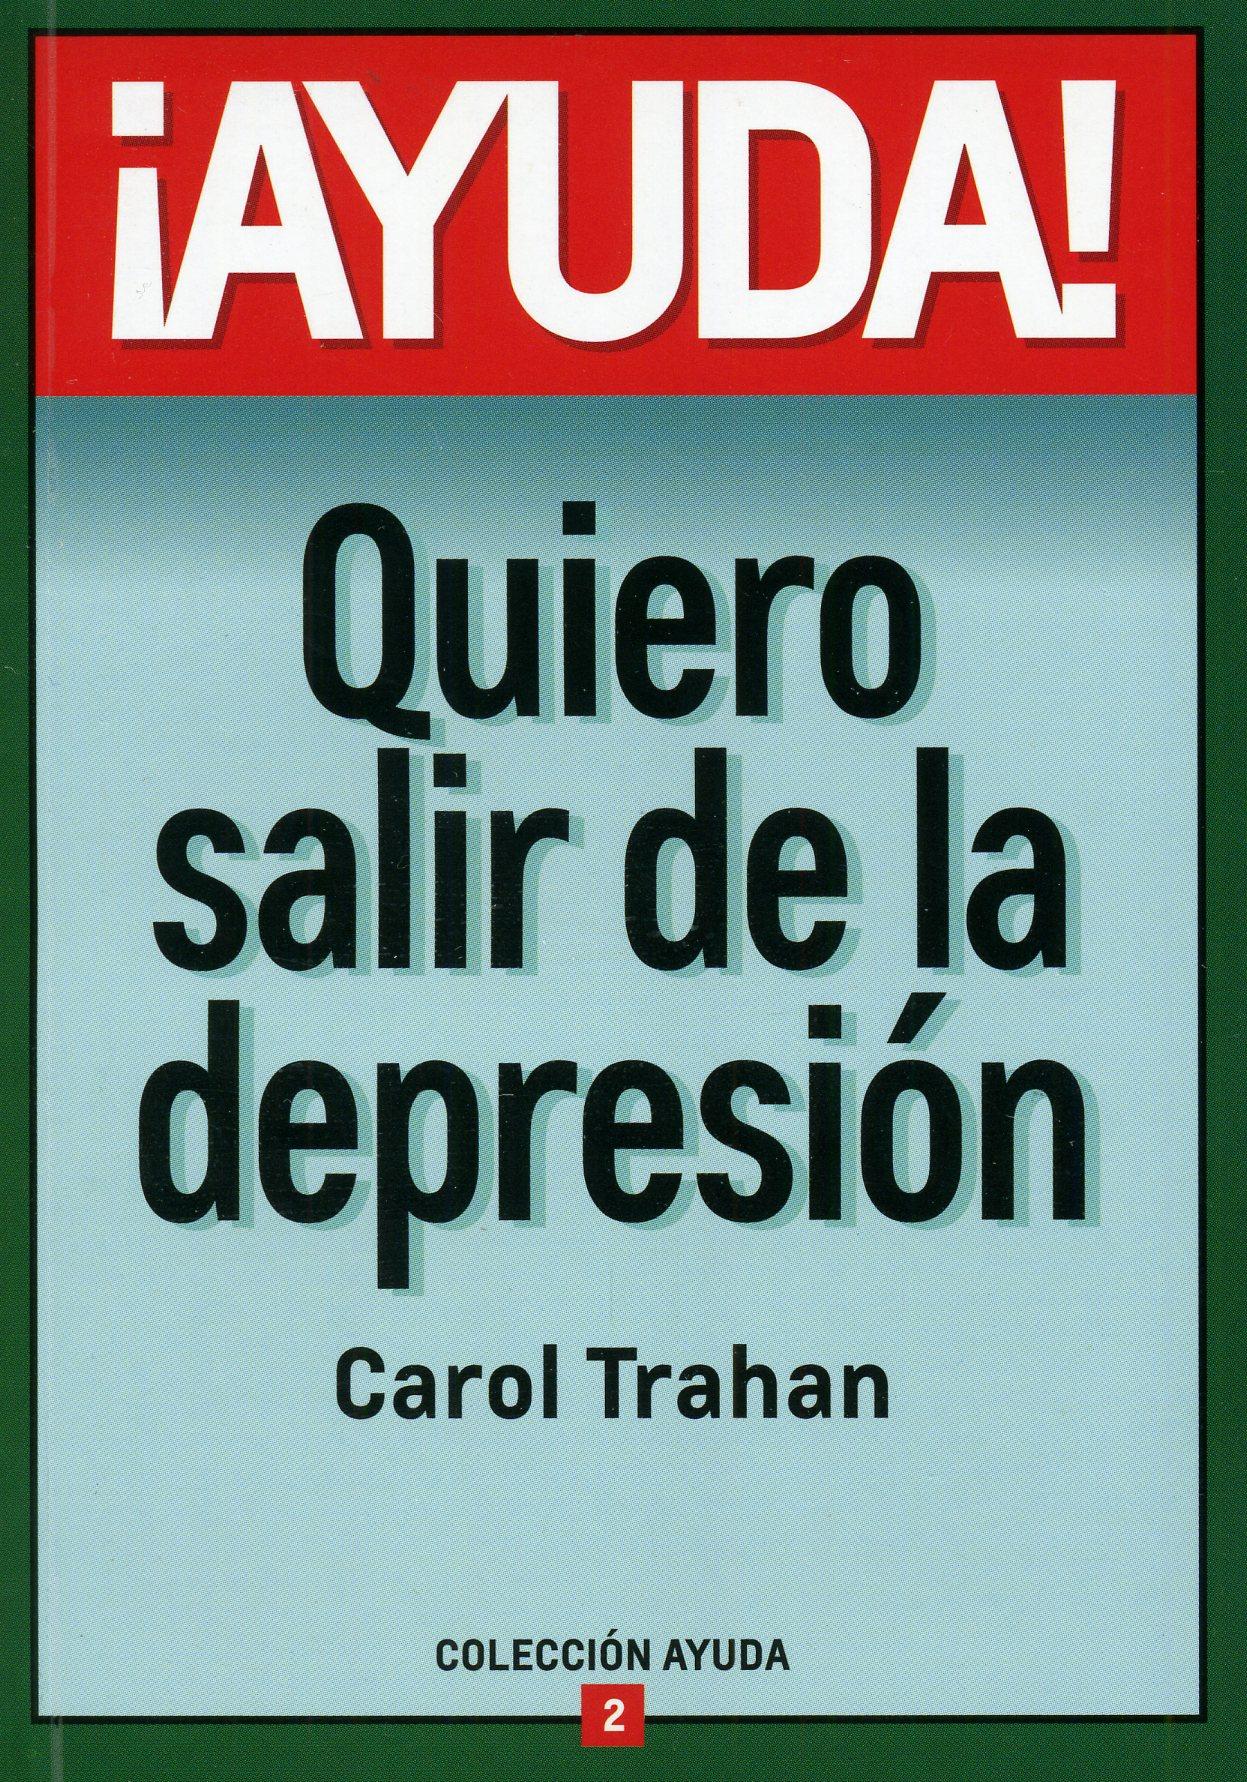 ¡Ayuda! Quiero salir de la depresión